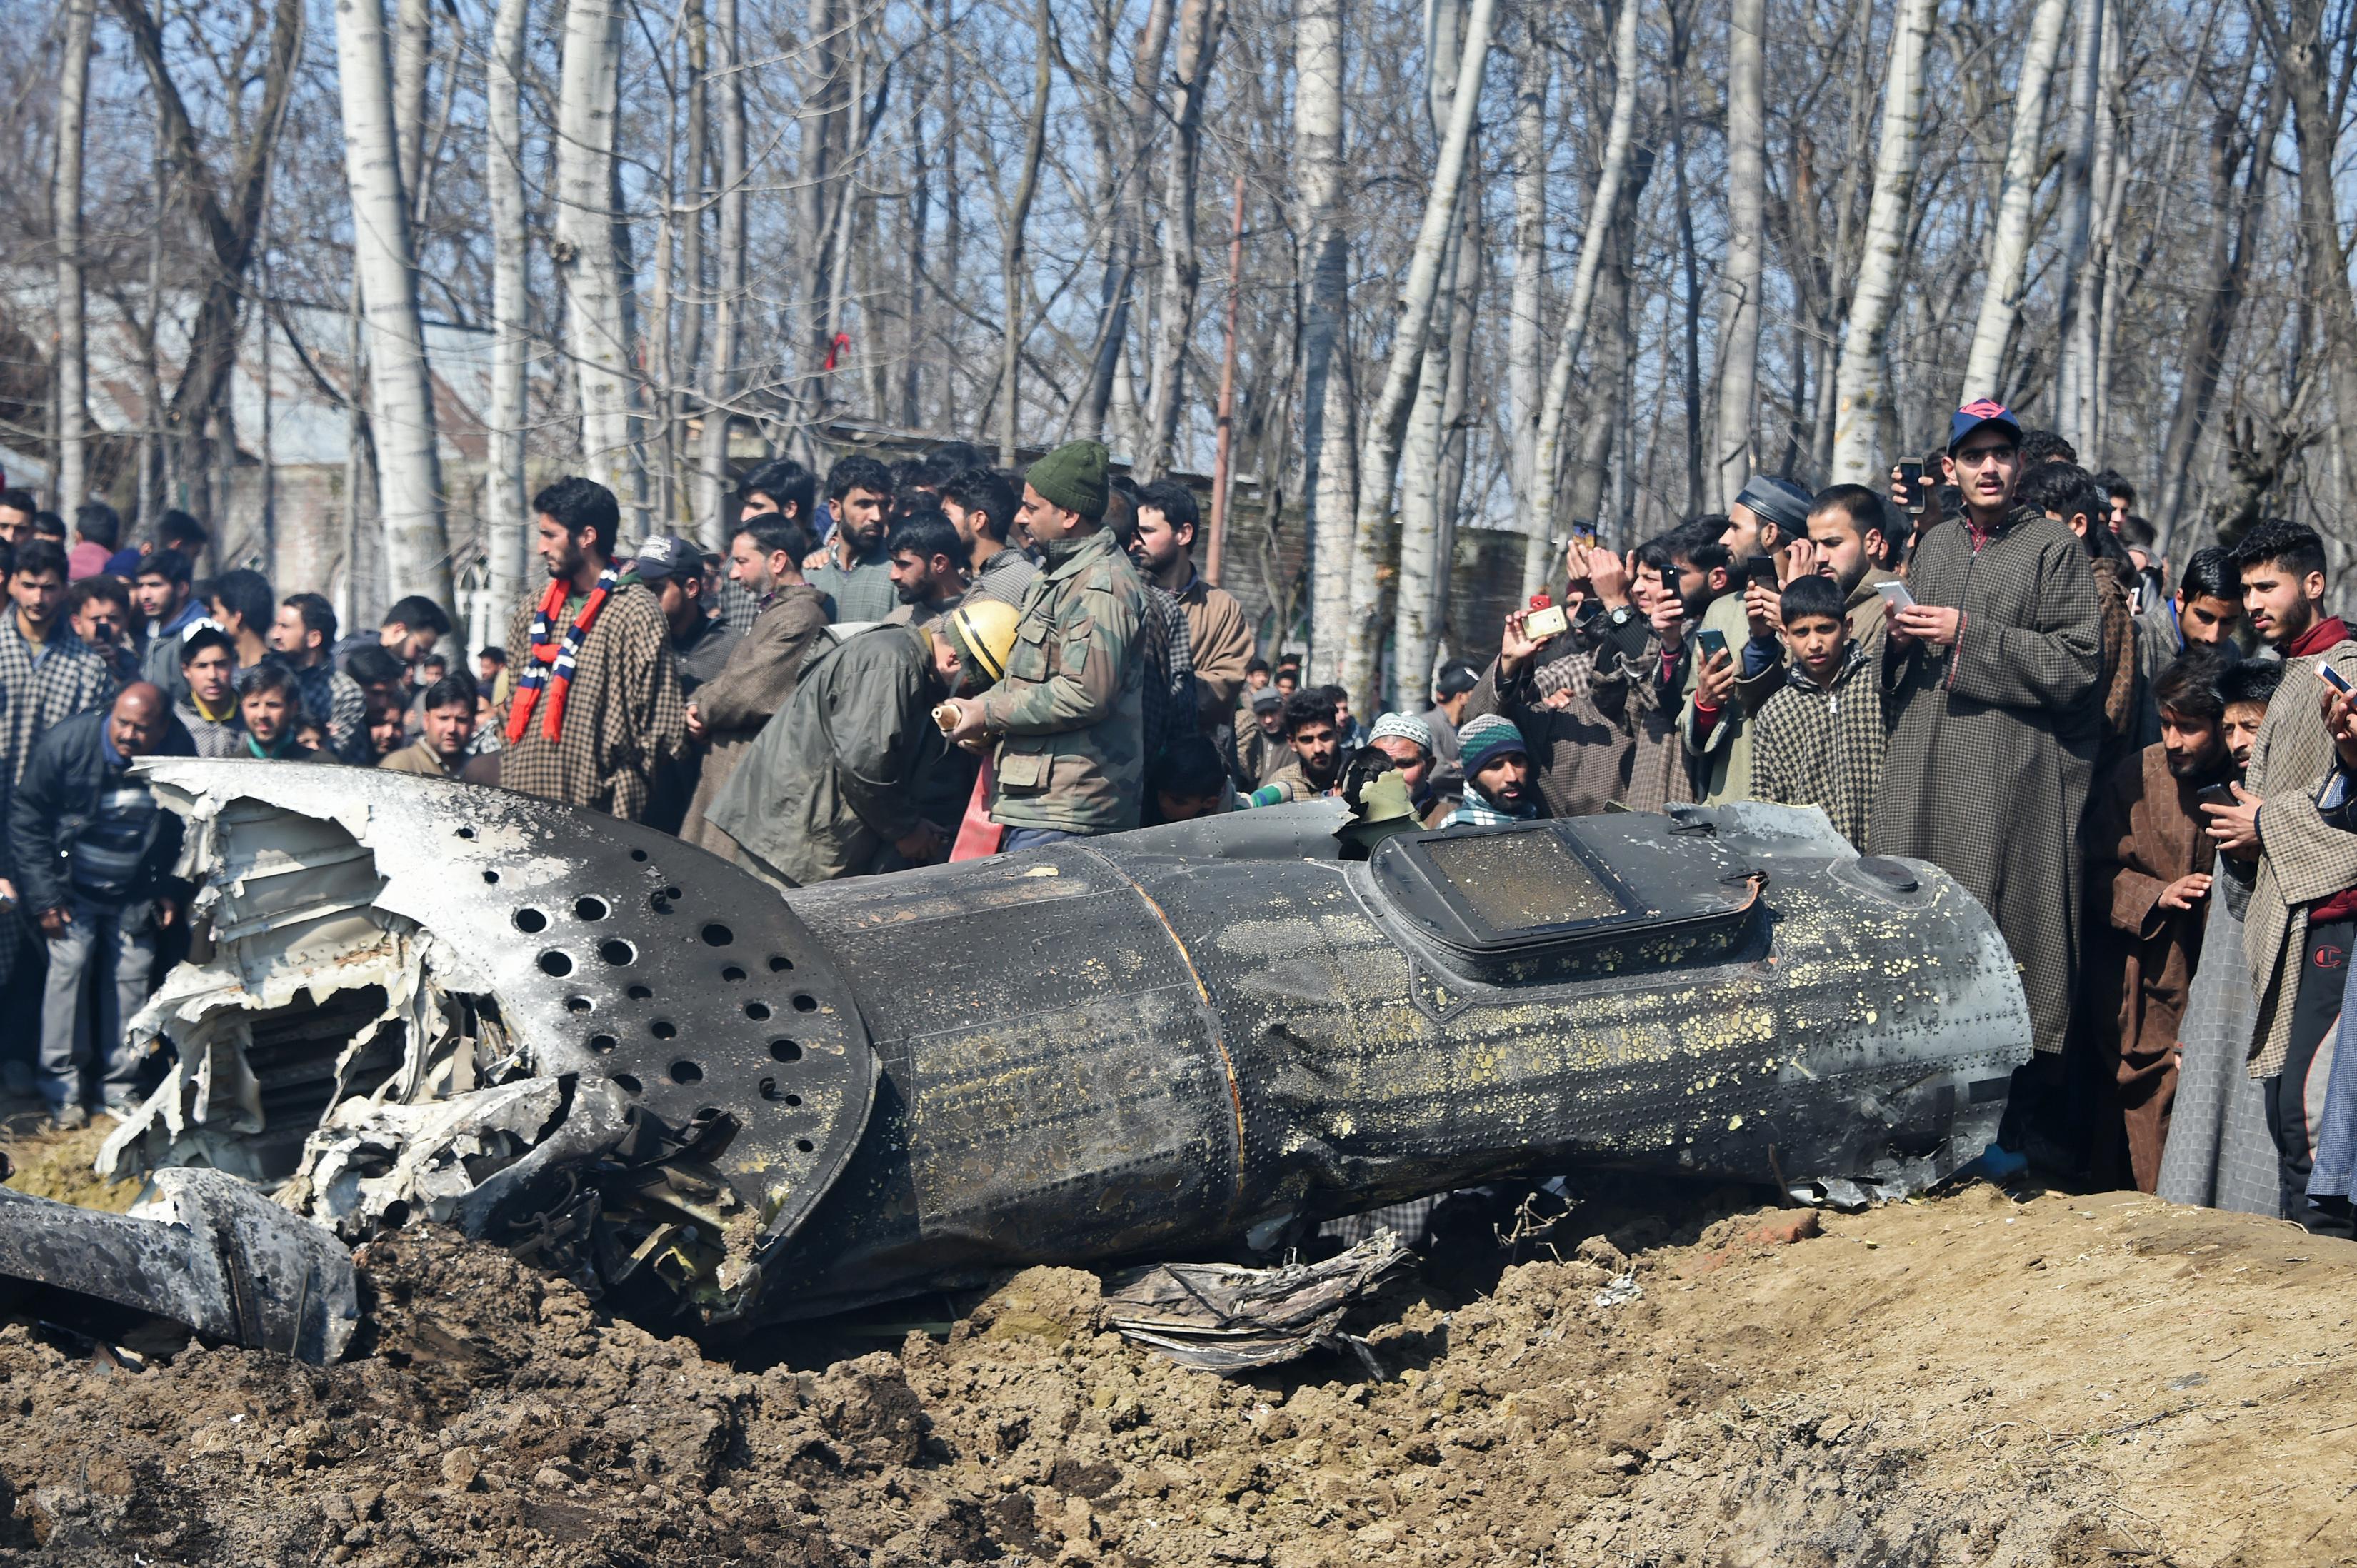 Soldados indios observan una aeronave india derribada por Pakistán en Cachemira (Photo by Tauseef MUSTAFA / AFP)